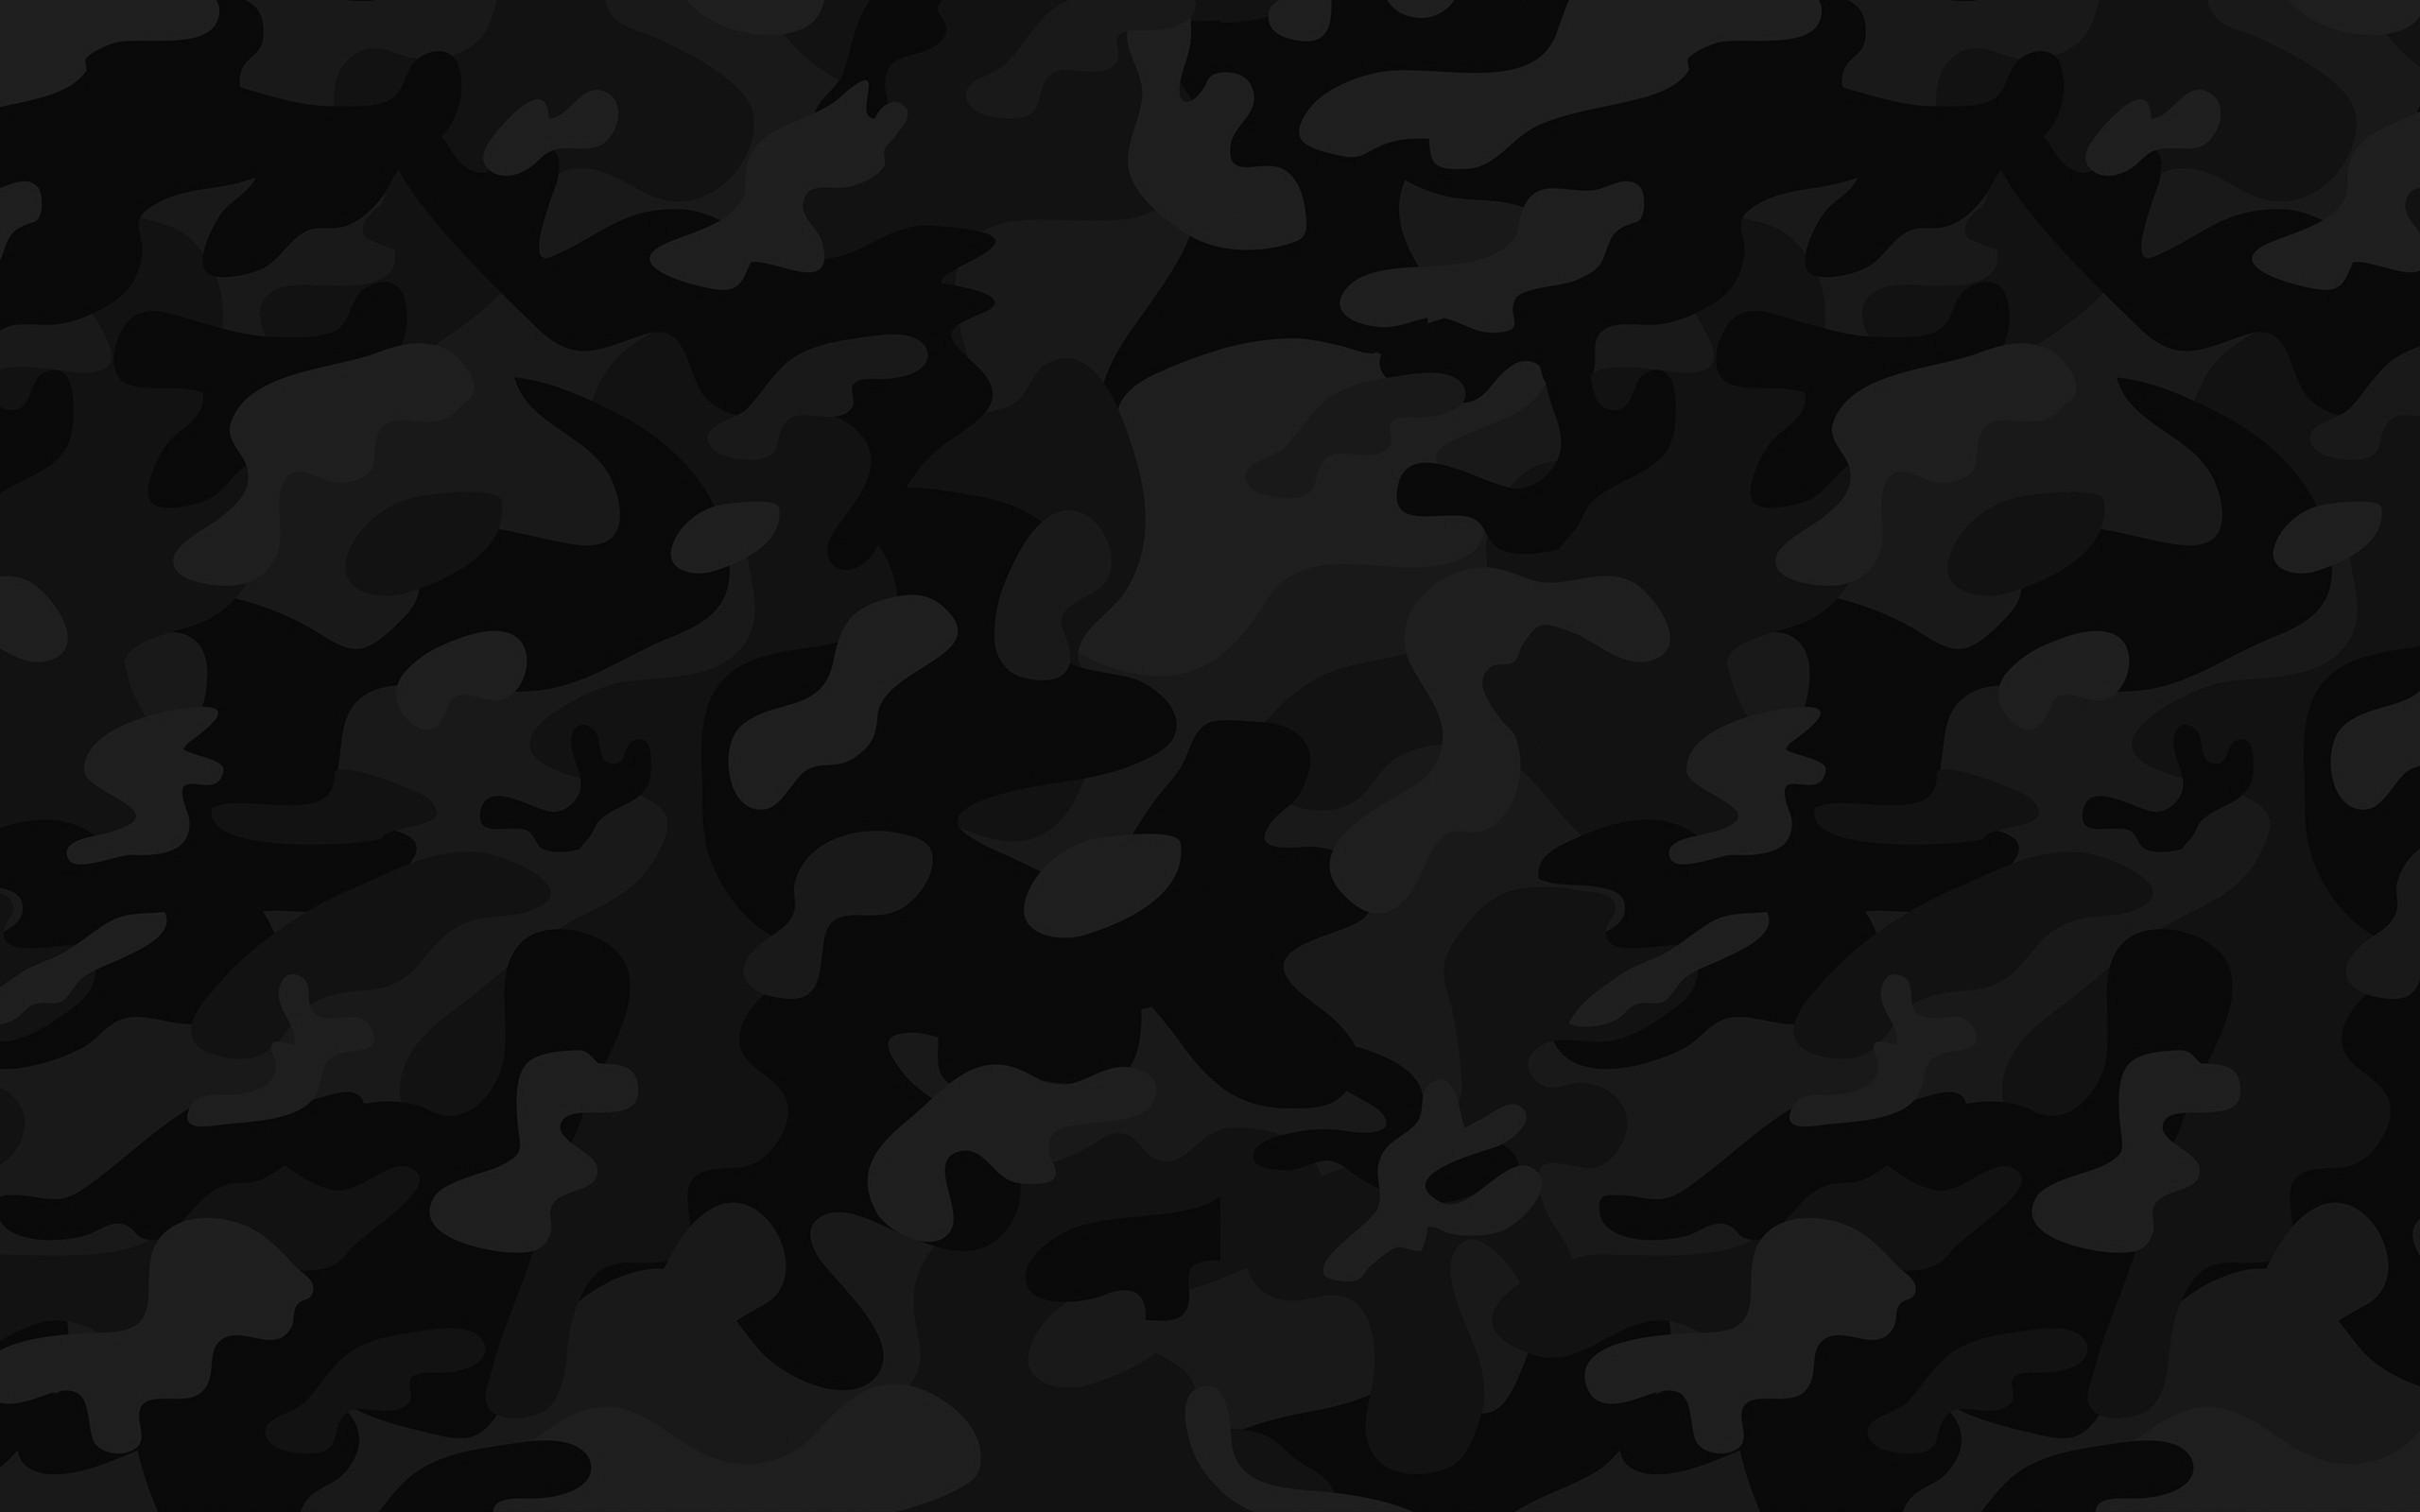 Army Camo Wallpaper: Black And White Camo Wallpaper